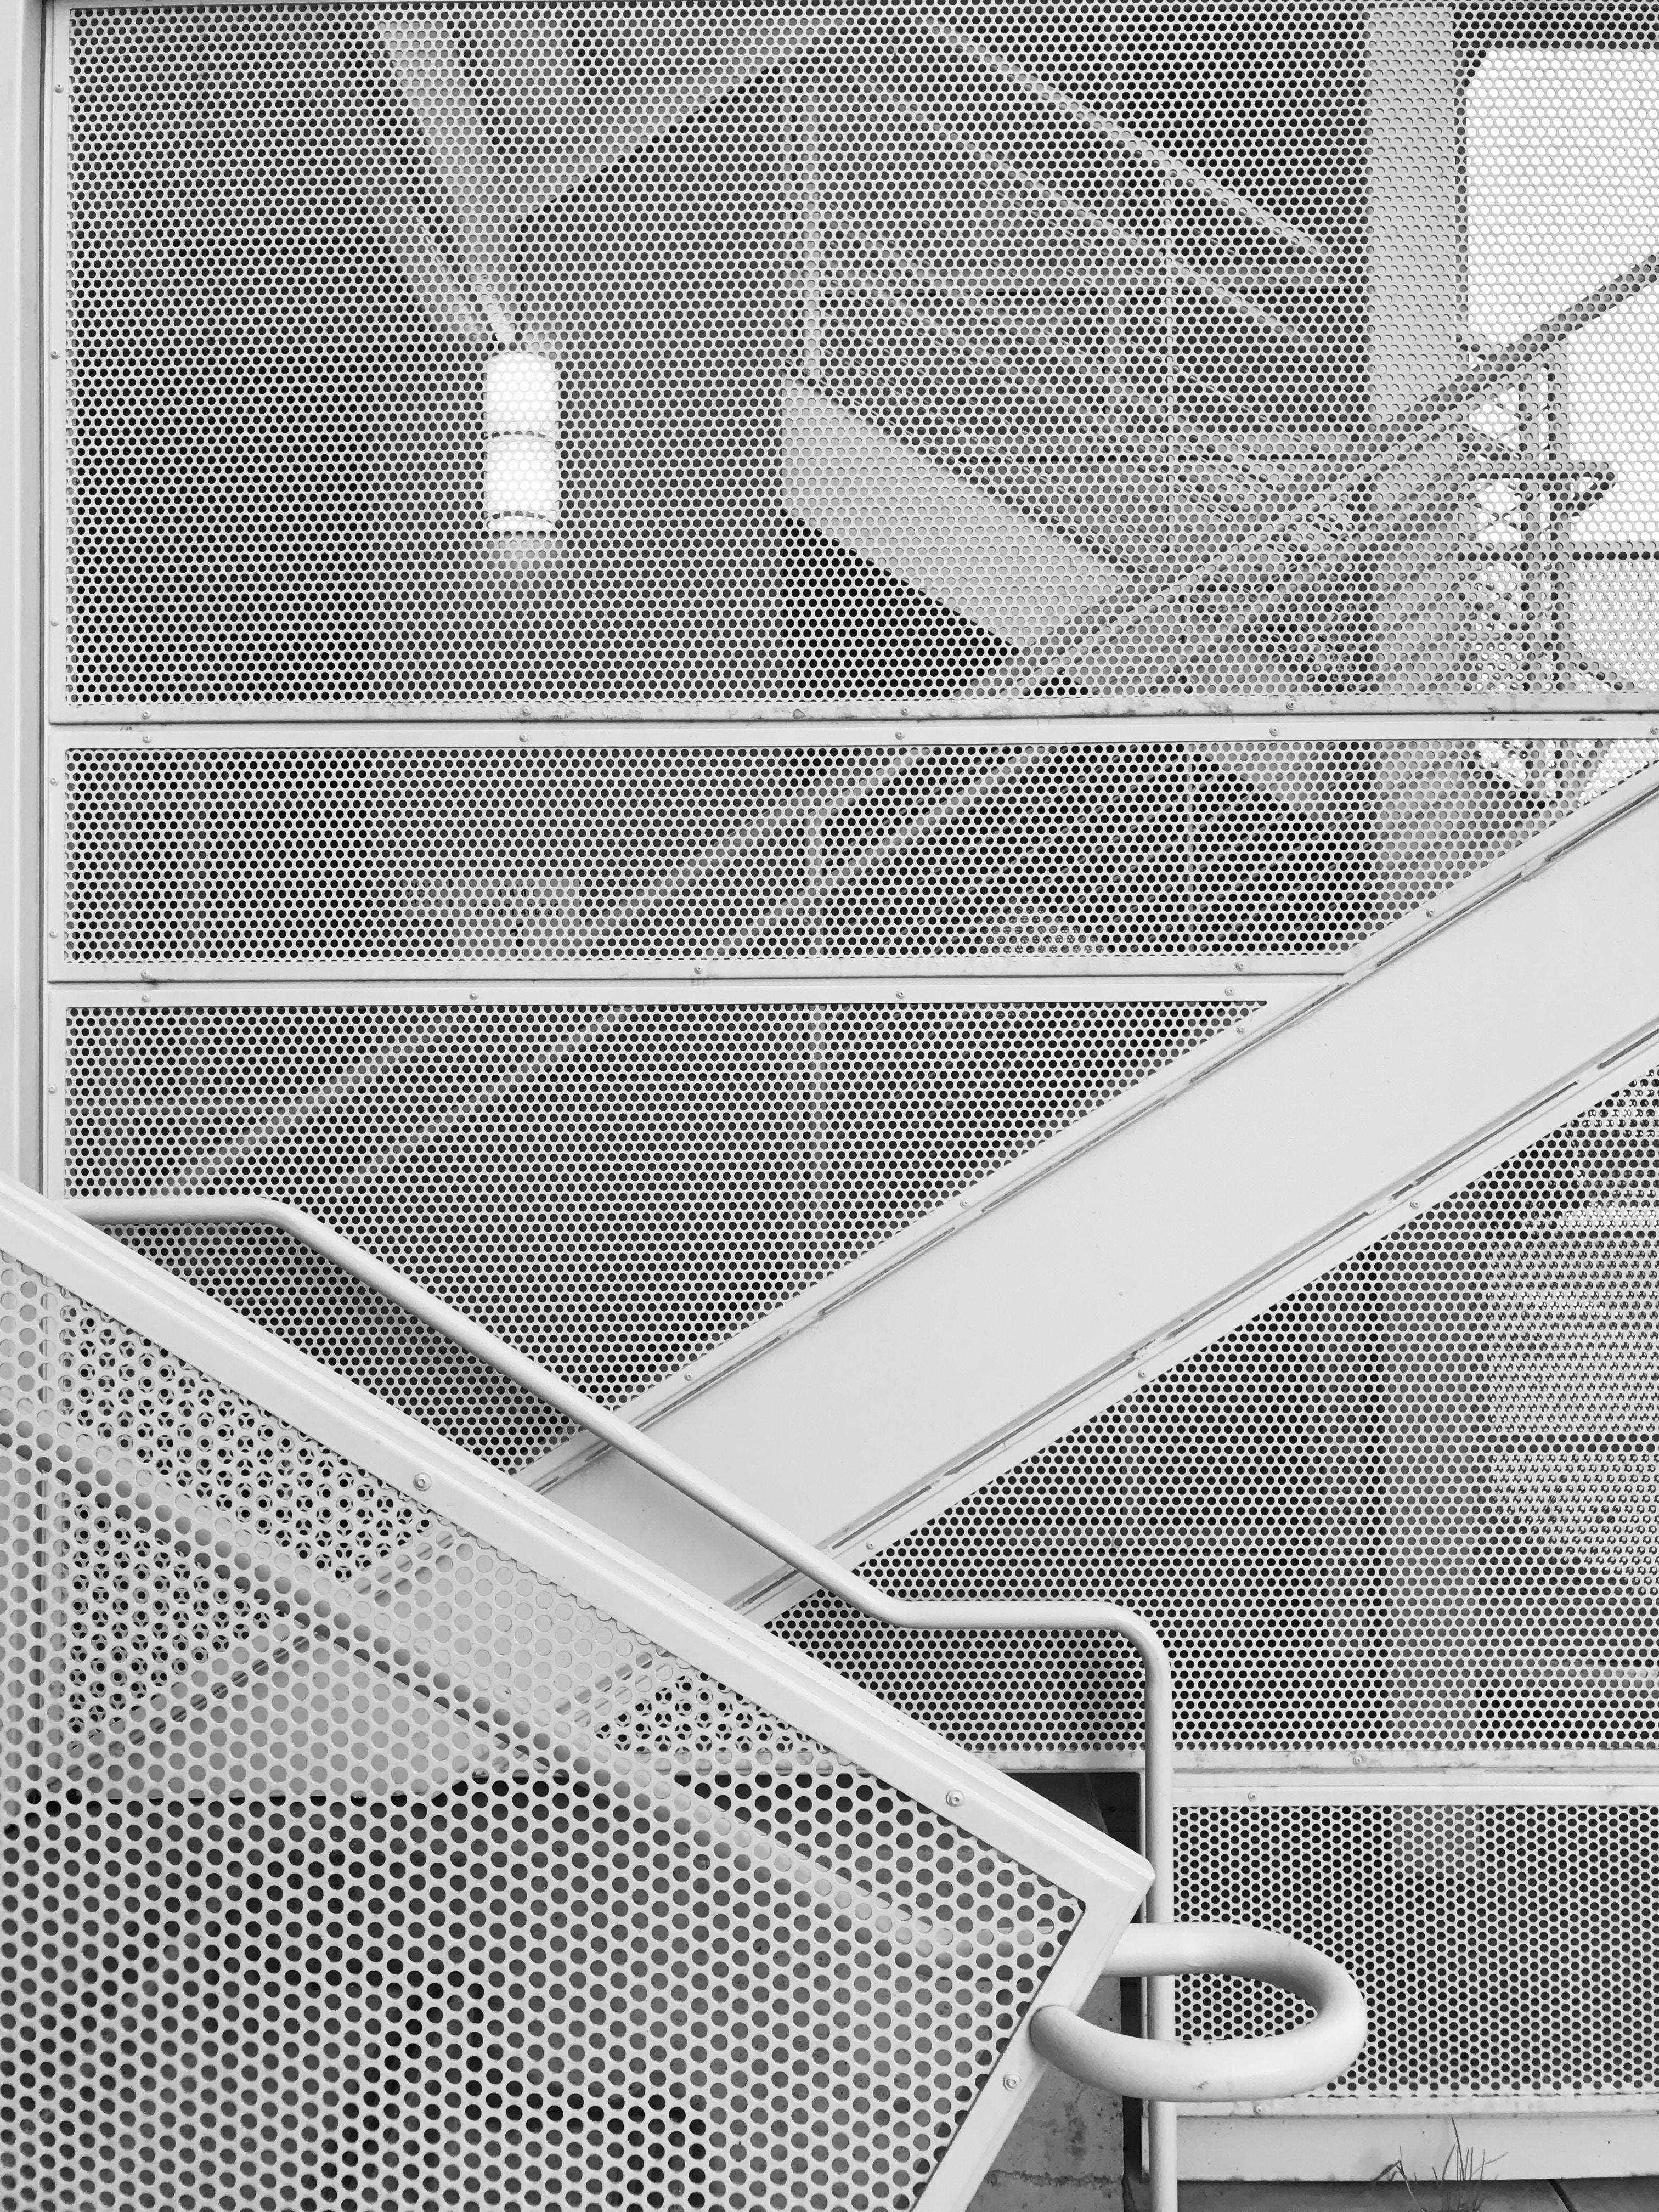 white metal stair at daytime